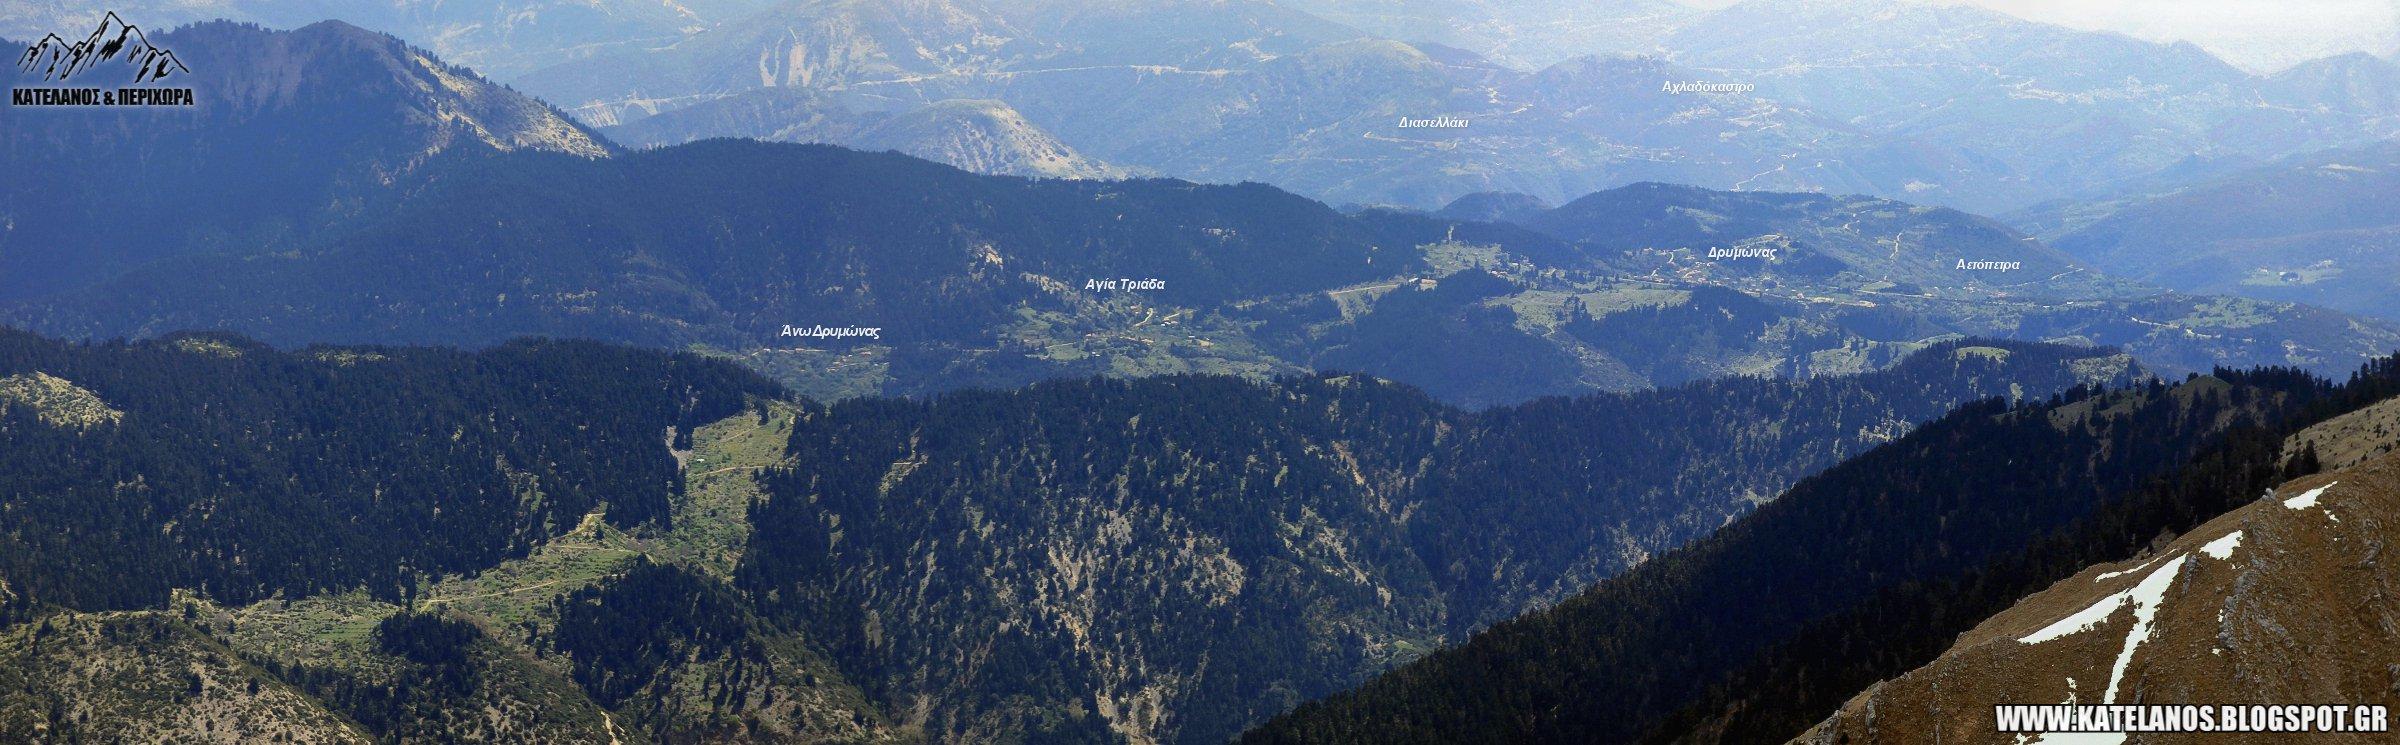 ορεινη τριχωνιδα αποκουρο θερμου δρυμωνας αγια τριαδα αετοπετρα αιτωλοακαρνανιας